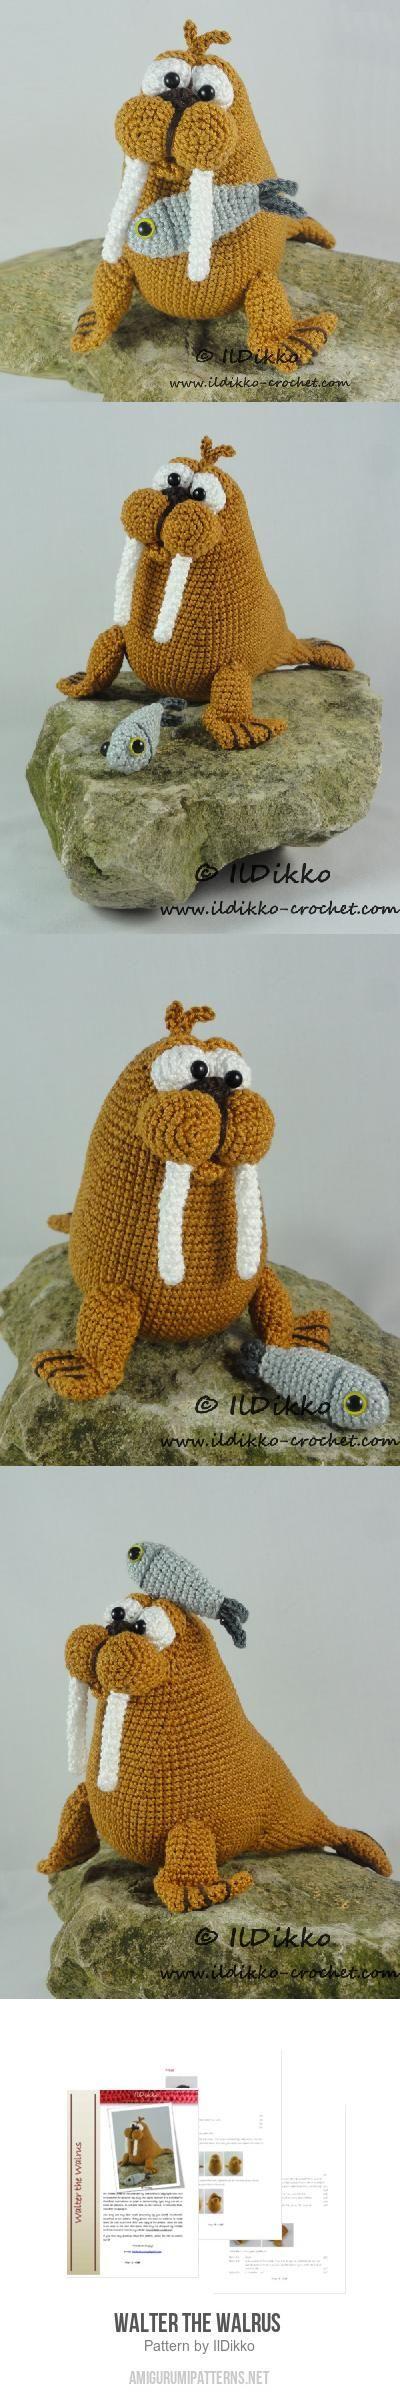 Walter The Walrus Crochet